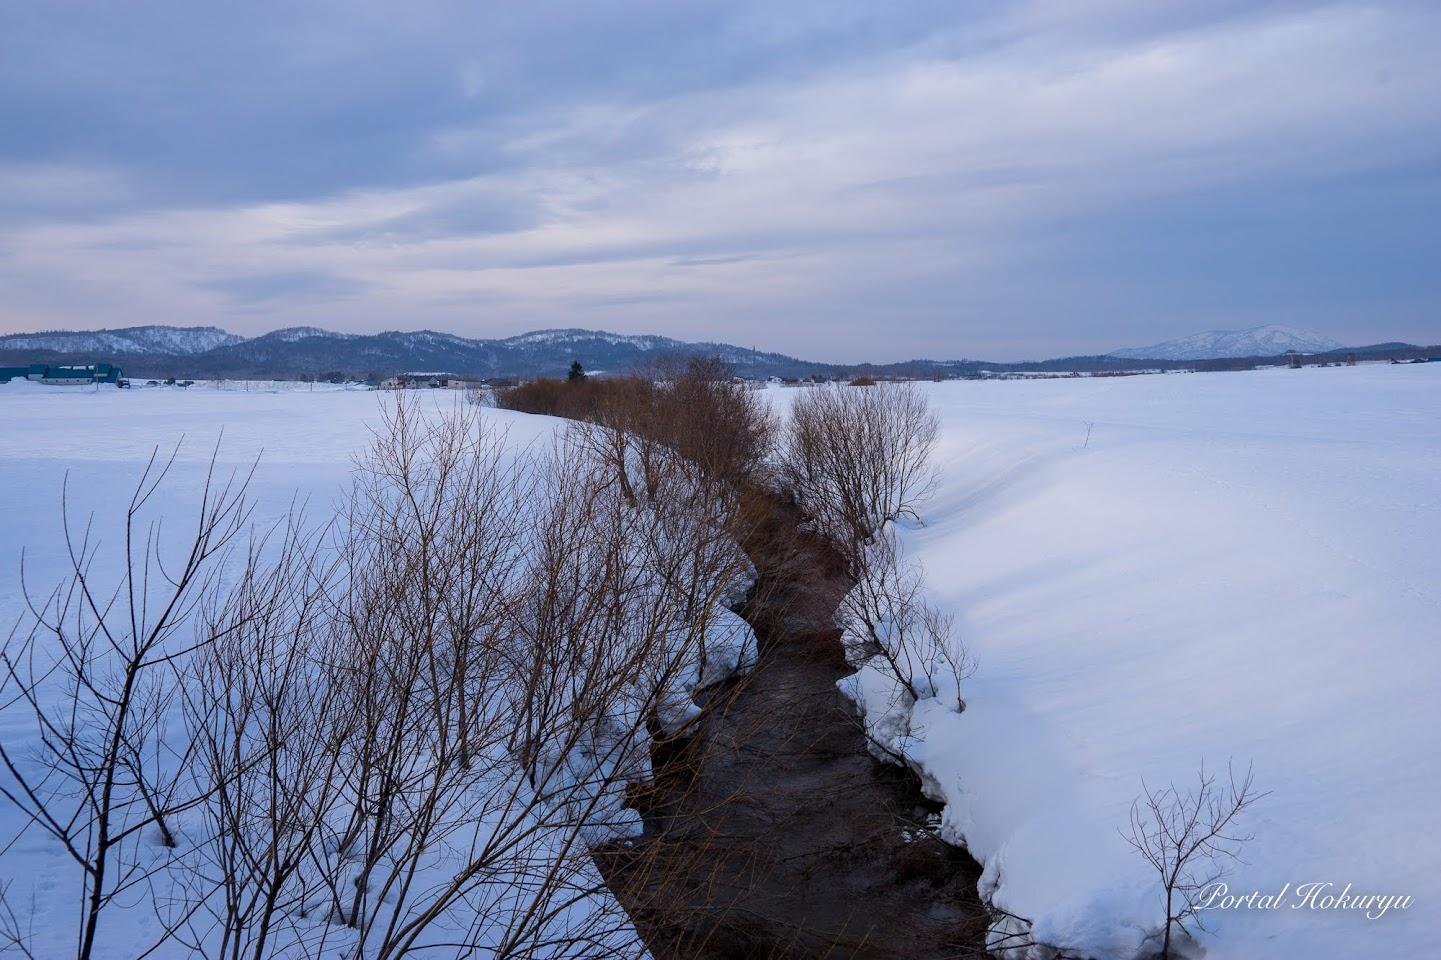 雪解けの河川